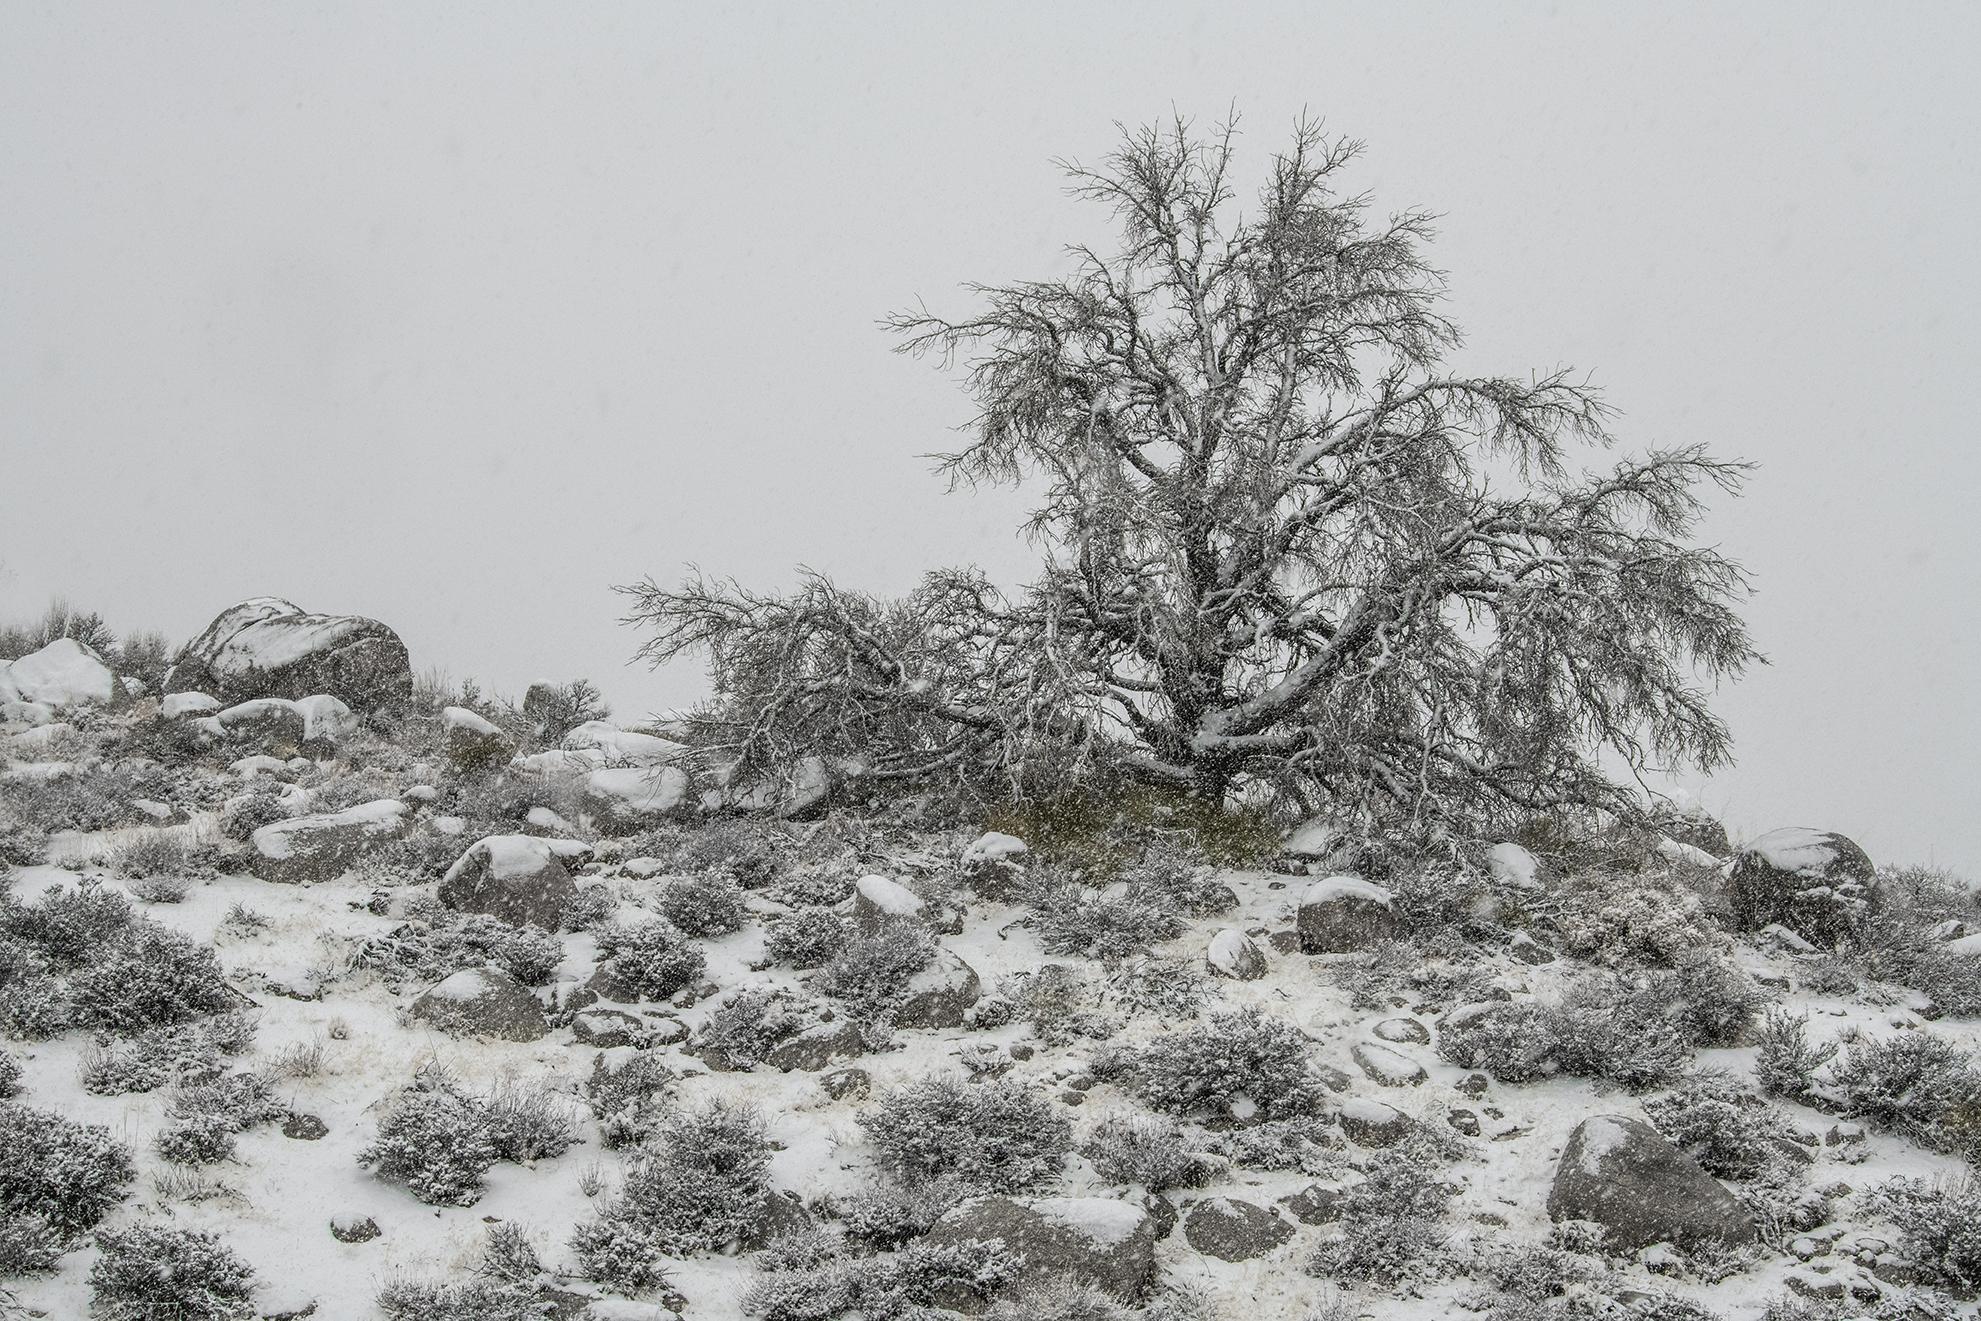 Alabama hills snowy-2368